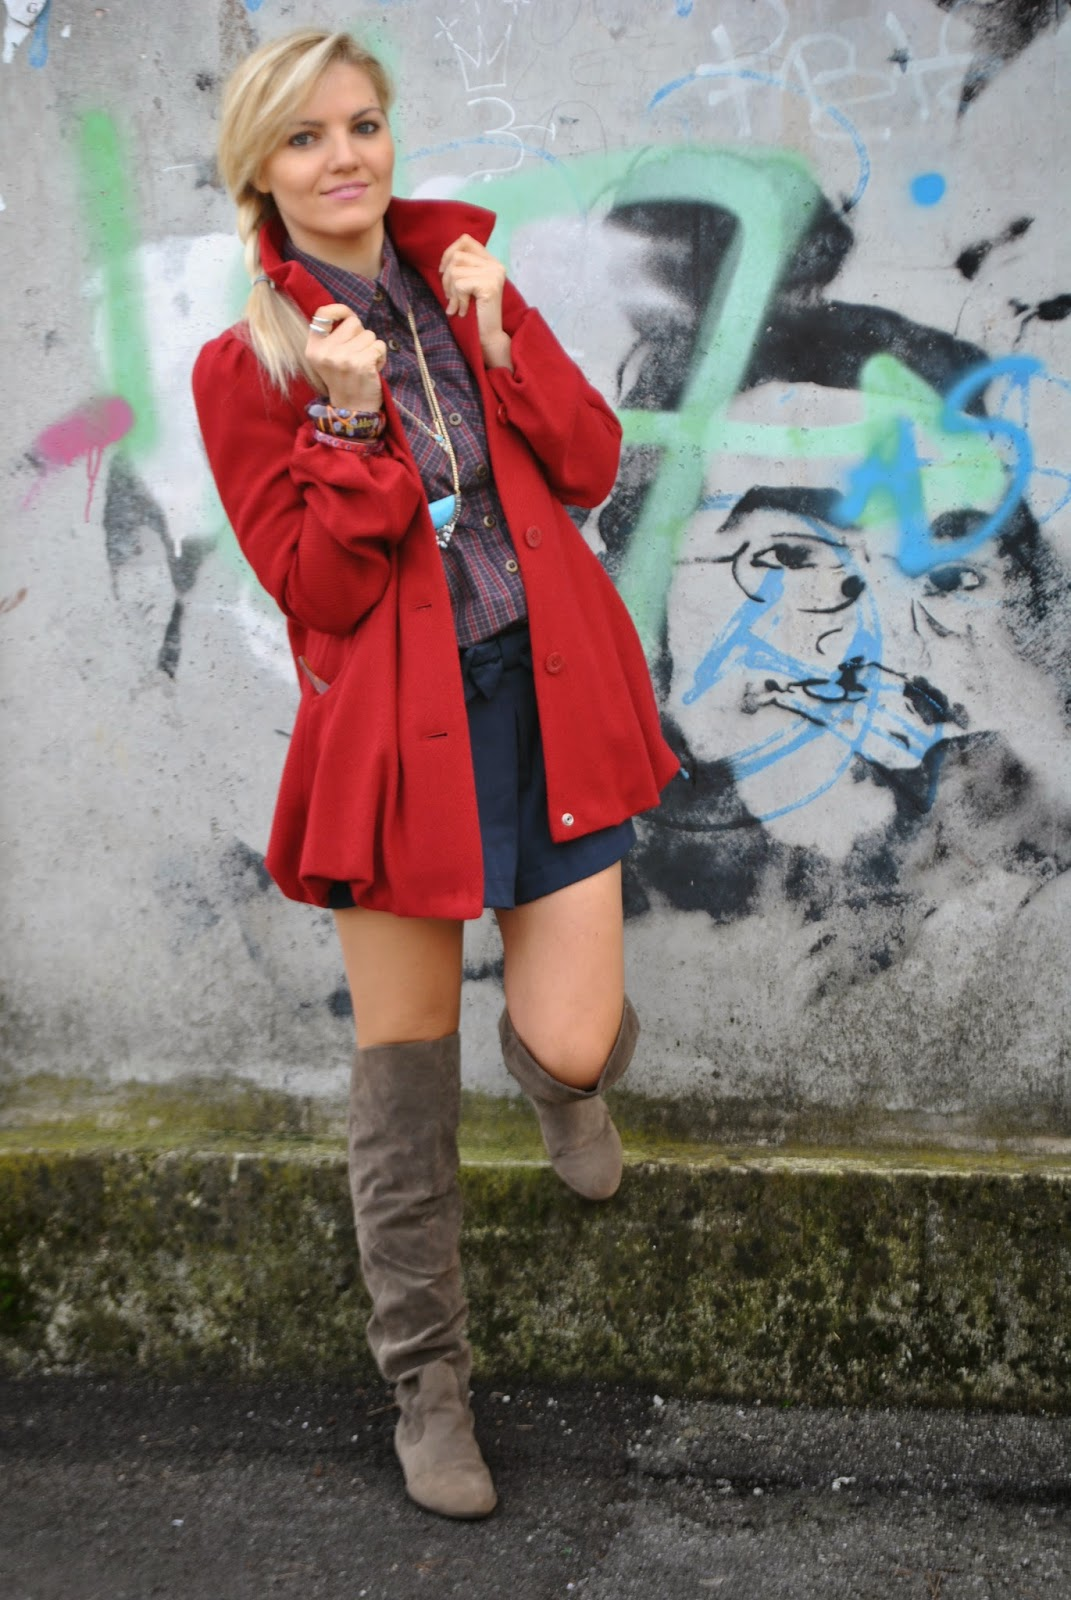 Outfit shorts e camicia shorts blu con fiocco outfit camicia a quadri outfit cappotto rosso Sisley outfitcuissardes outfit stivali al ginocchio pimkie borsa pepe jeans abbinamenti cappotto rosso abbinamenti camicia a quadri come abbinare il cappotto rosso come abbinare la camicia a quadri collana majique majique London jewels outfit autunnali outfit novembre 2014 outfit mariafelicia magno outfit mariafelicia magno fashion blogger di colorblock by felym acconciatura treccia laterale majique London necklace pimkie boots fashion blog italiani fashion blogger italiane fashion blogger bionde fashion bloggers Italy Italian fashion blogggers Italian girls abbinamenti rosso e blu outfit rosso e blu come abbinare rosso e blu